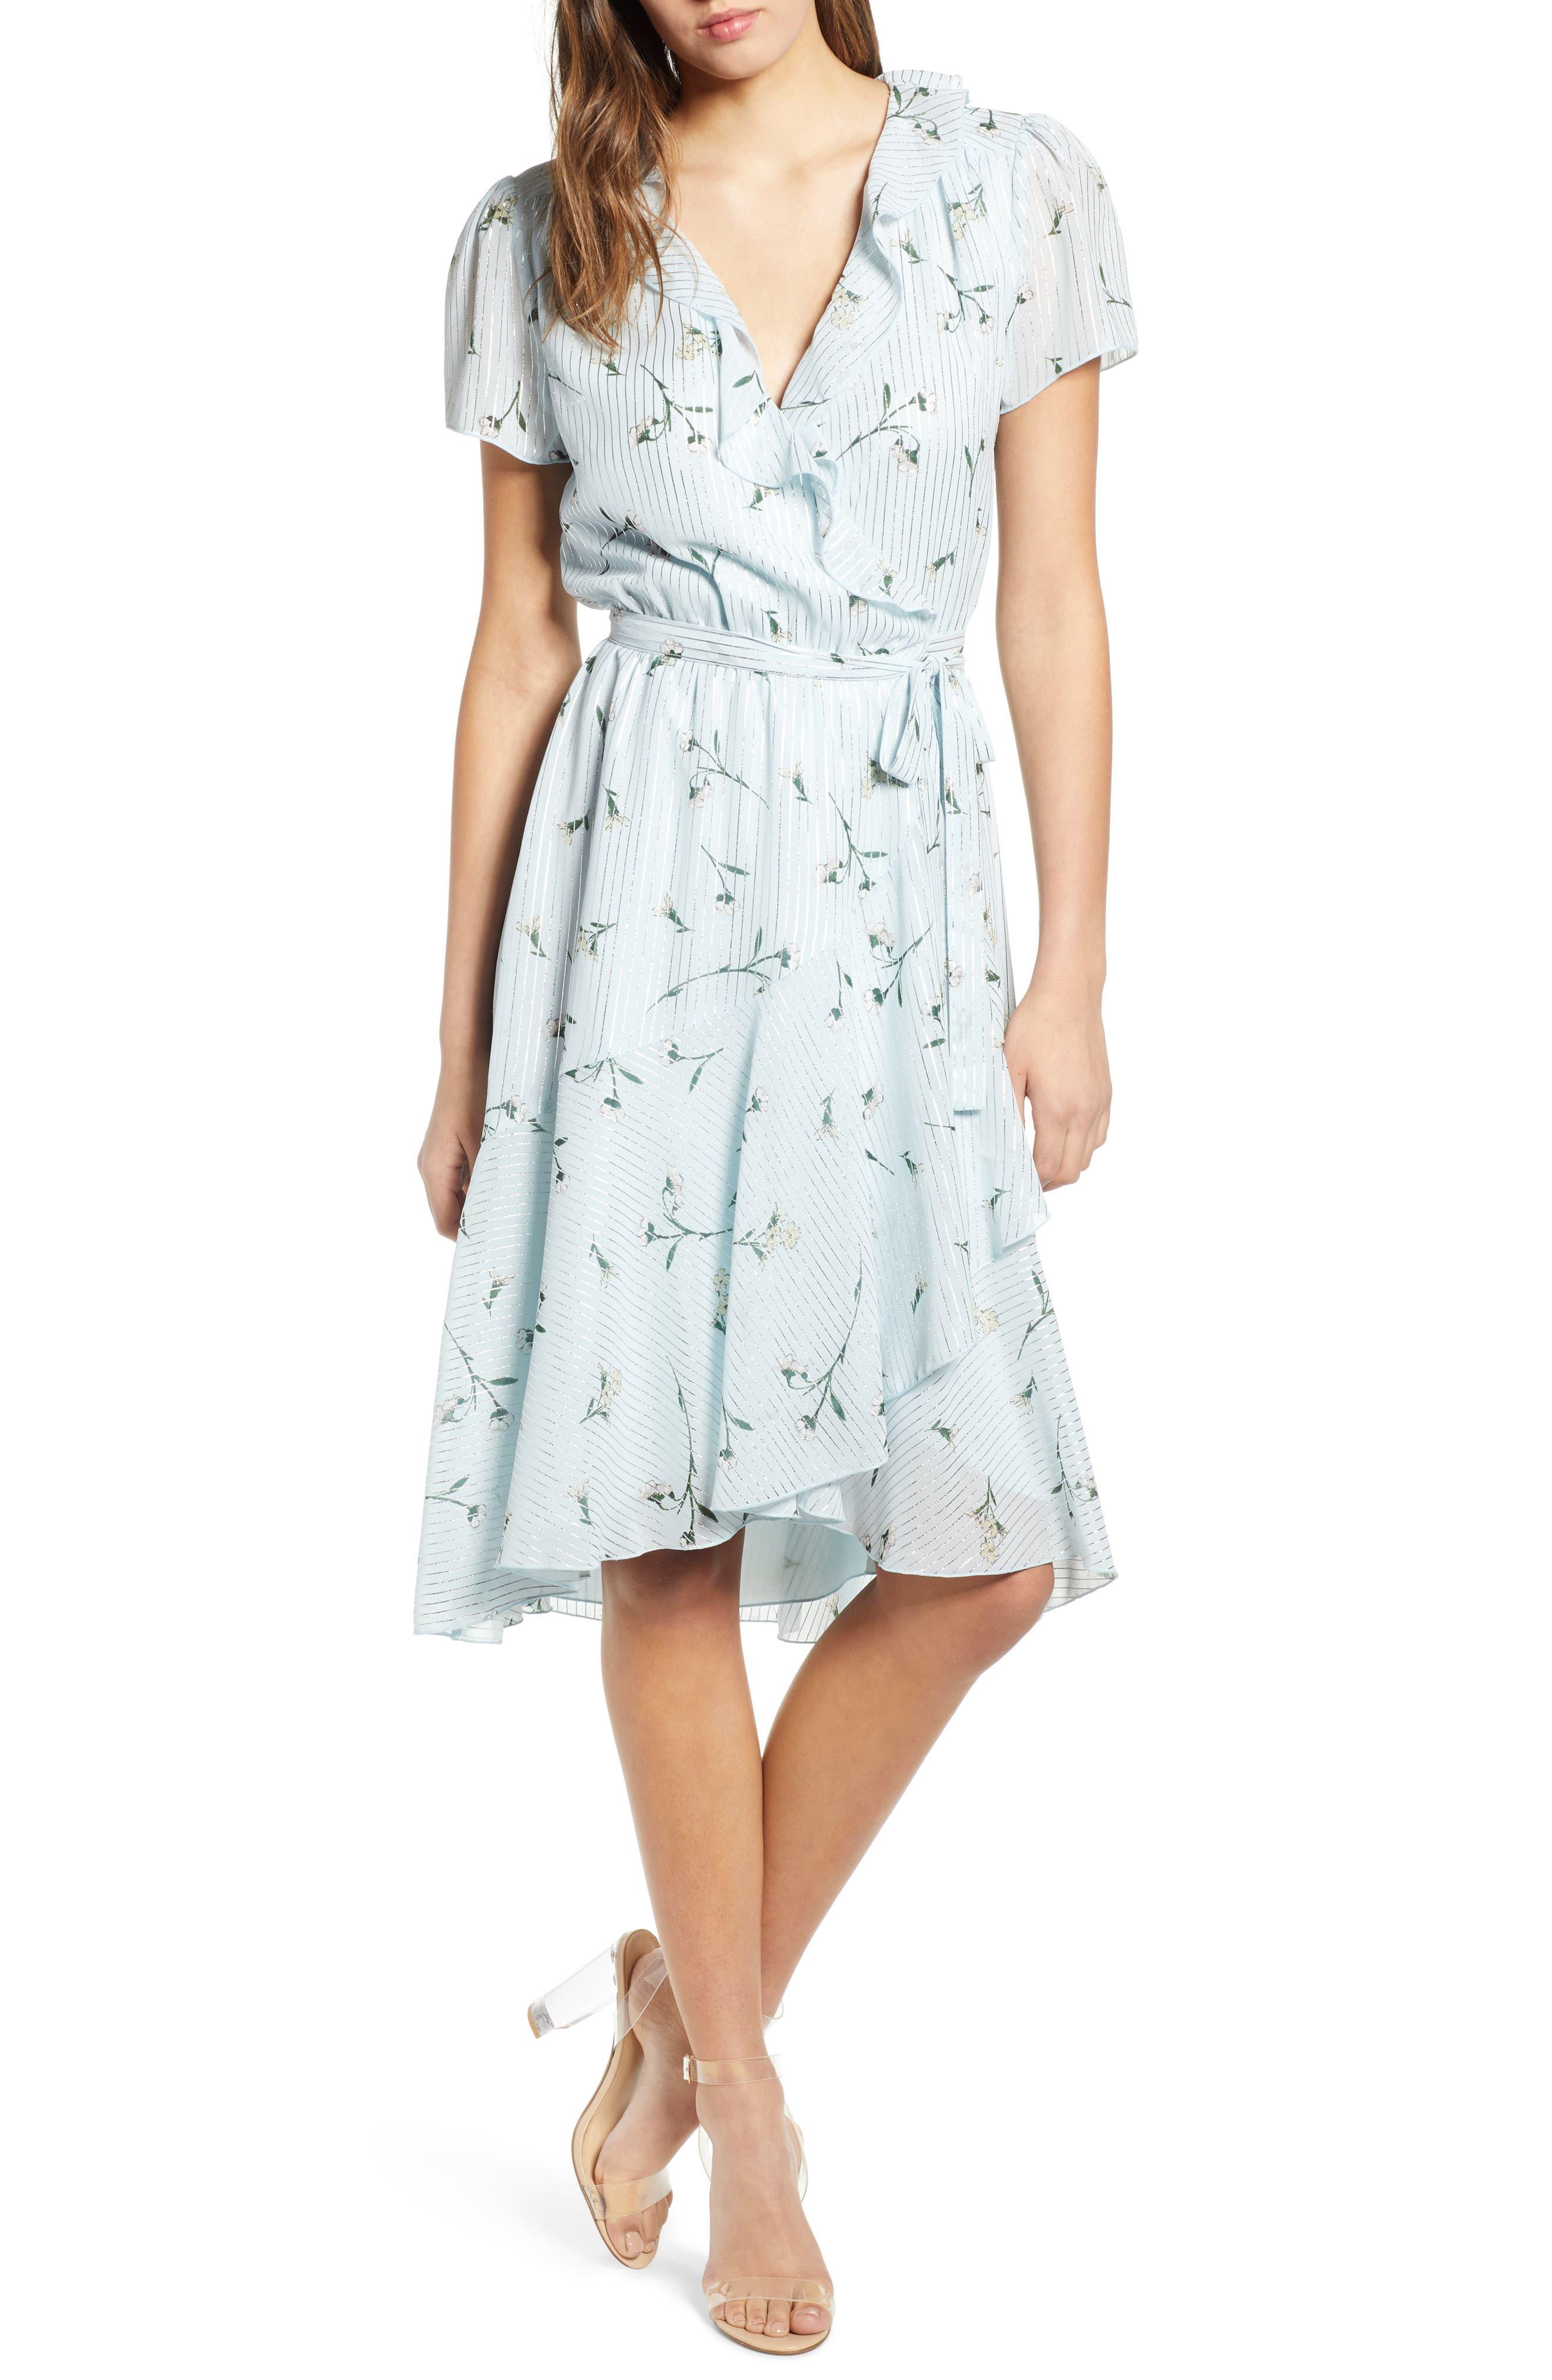 Sutton Wrap Dress,                             Main thumbnail 1, color,                             SKY BLUE FLORAL